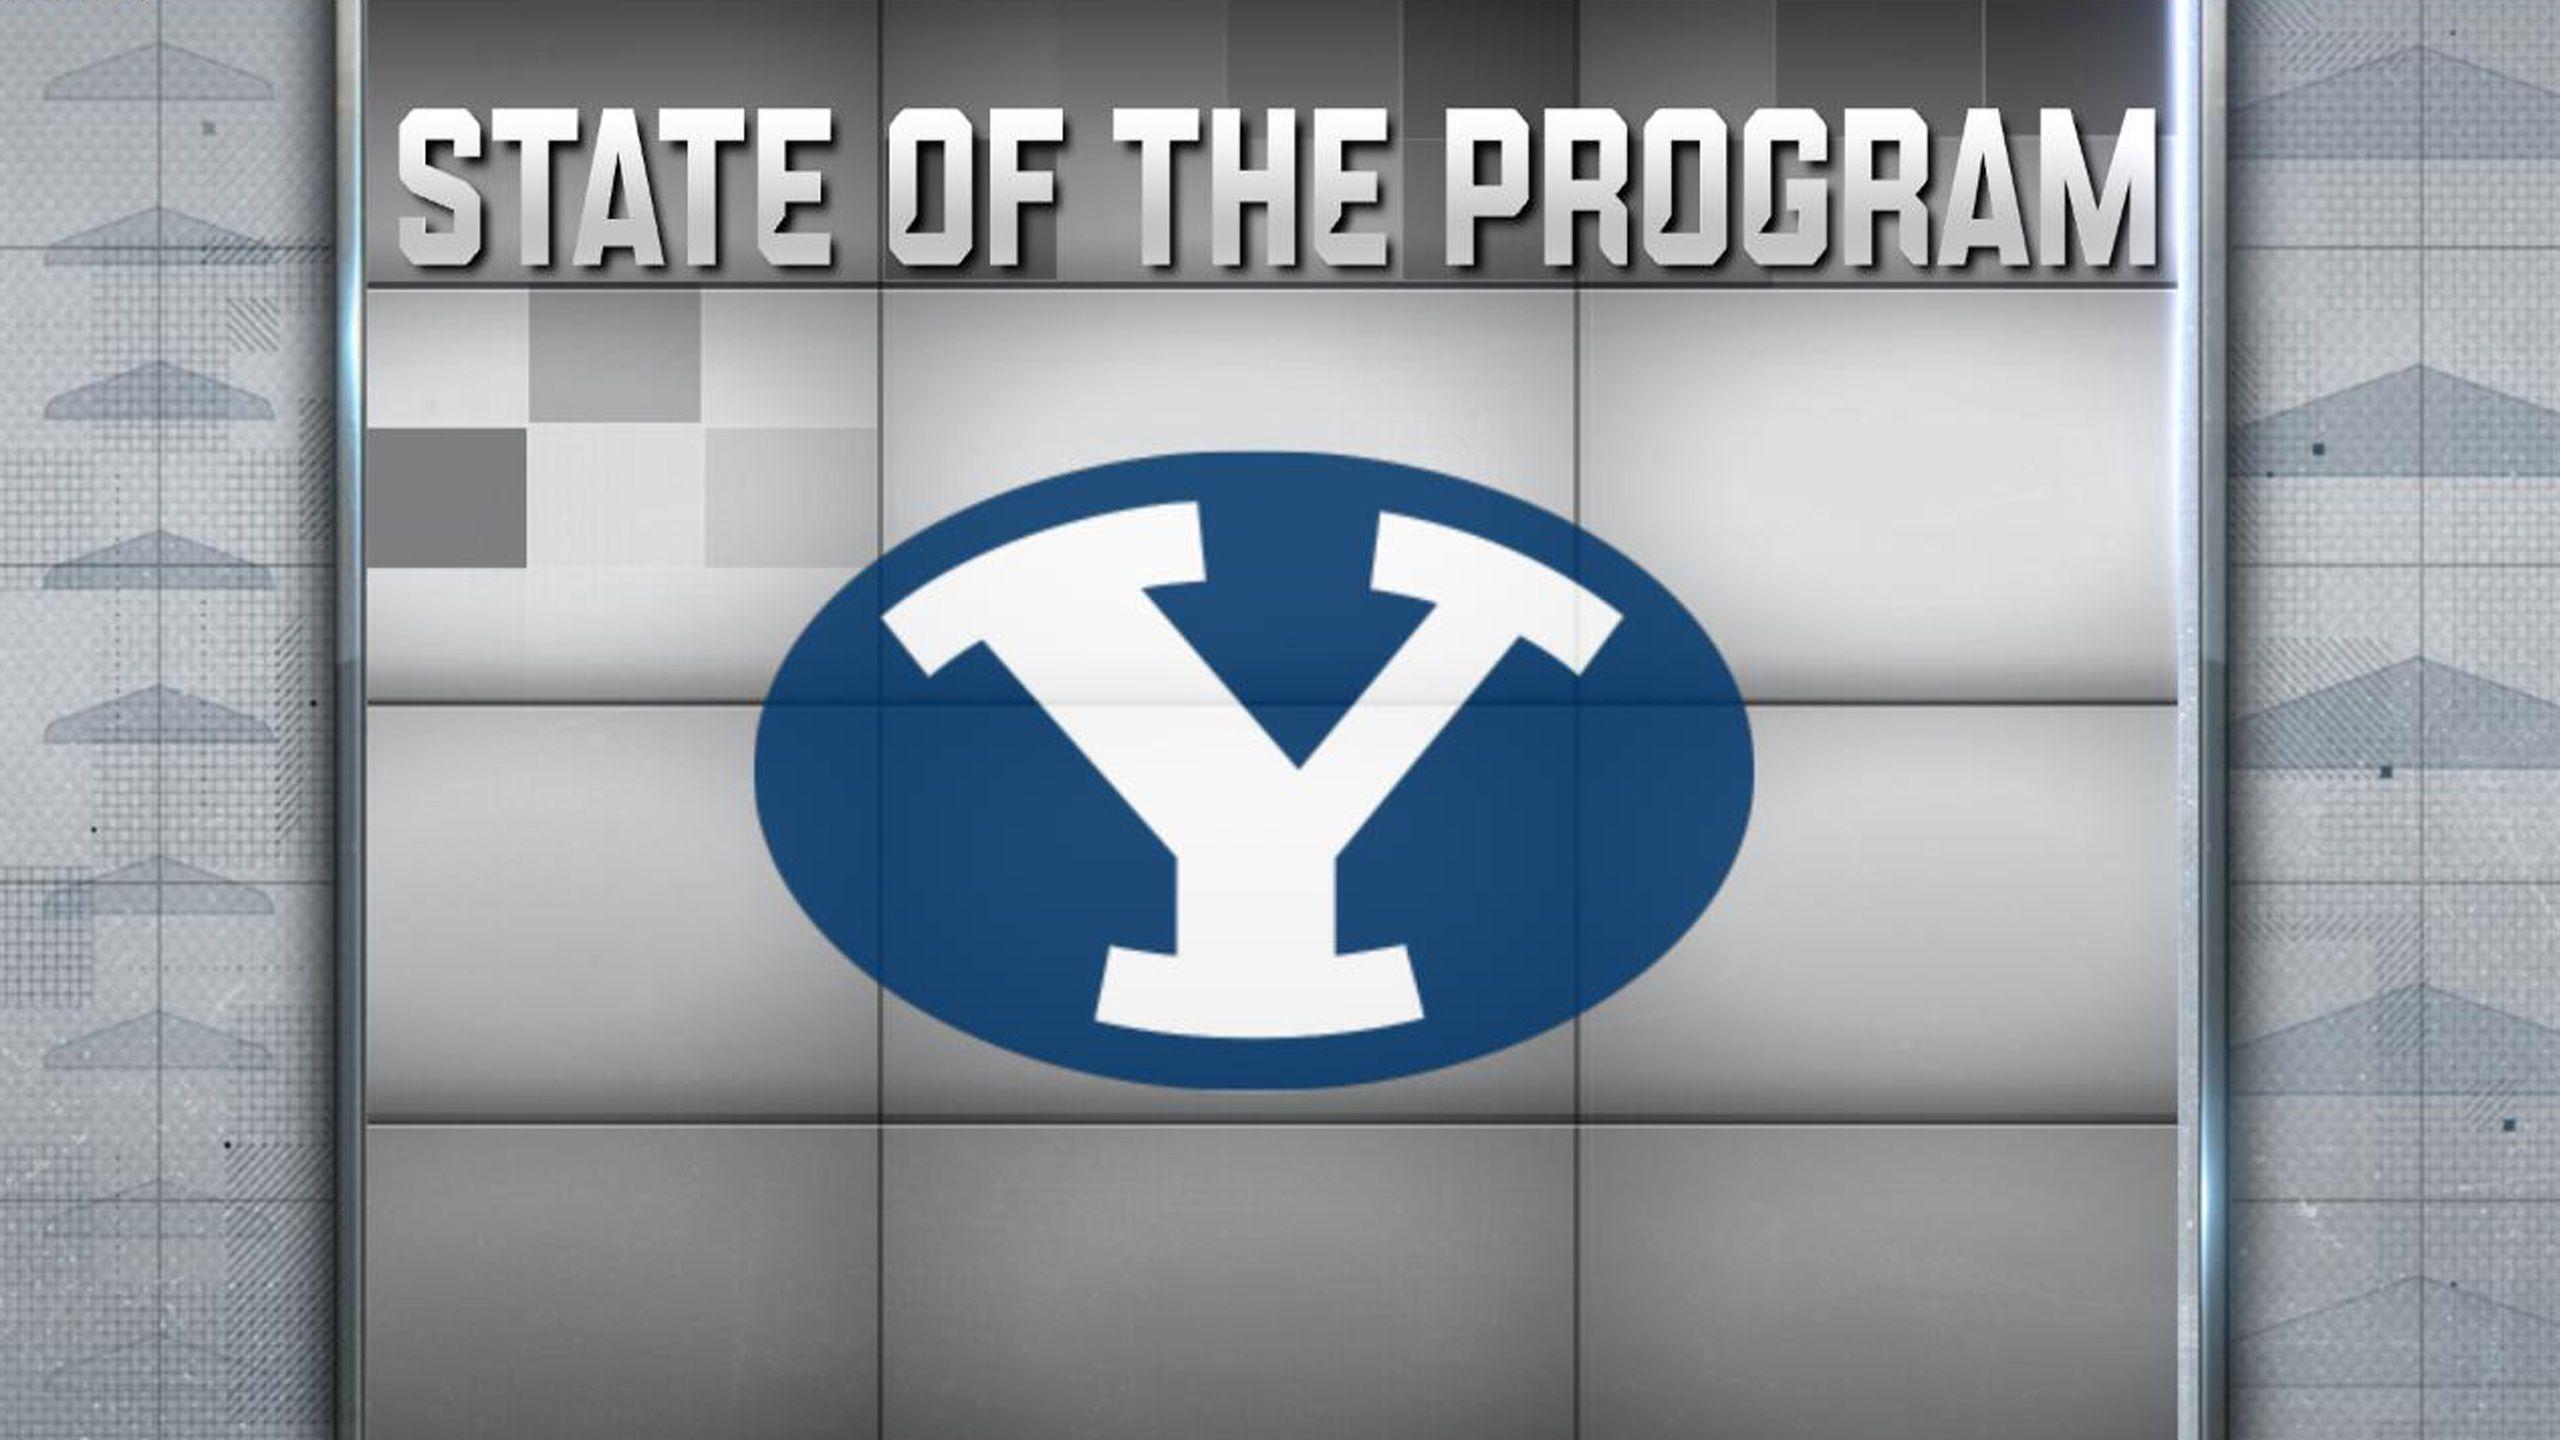 BYU Media Day: State of the Program